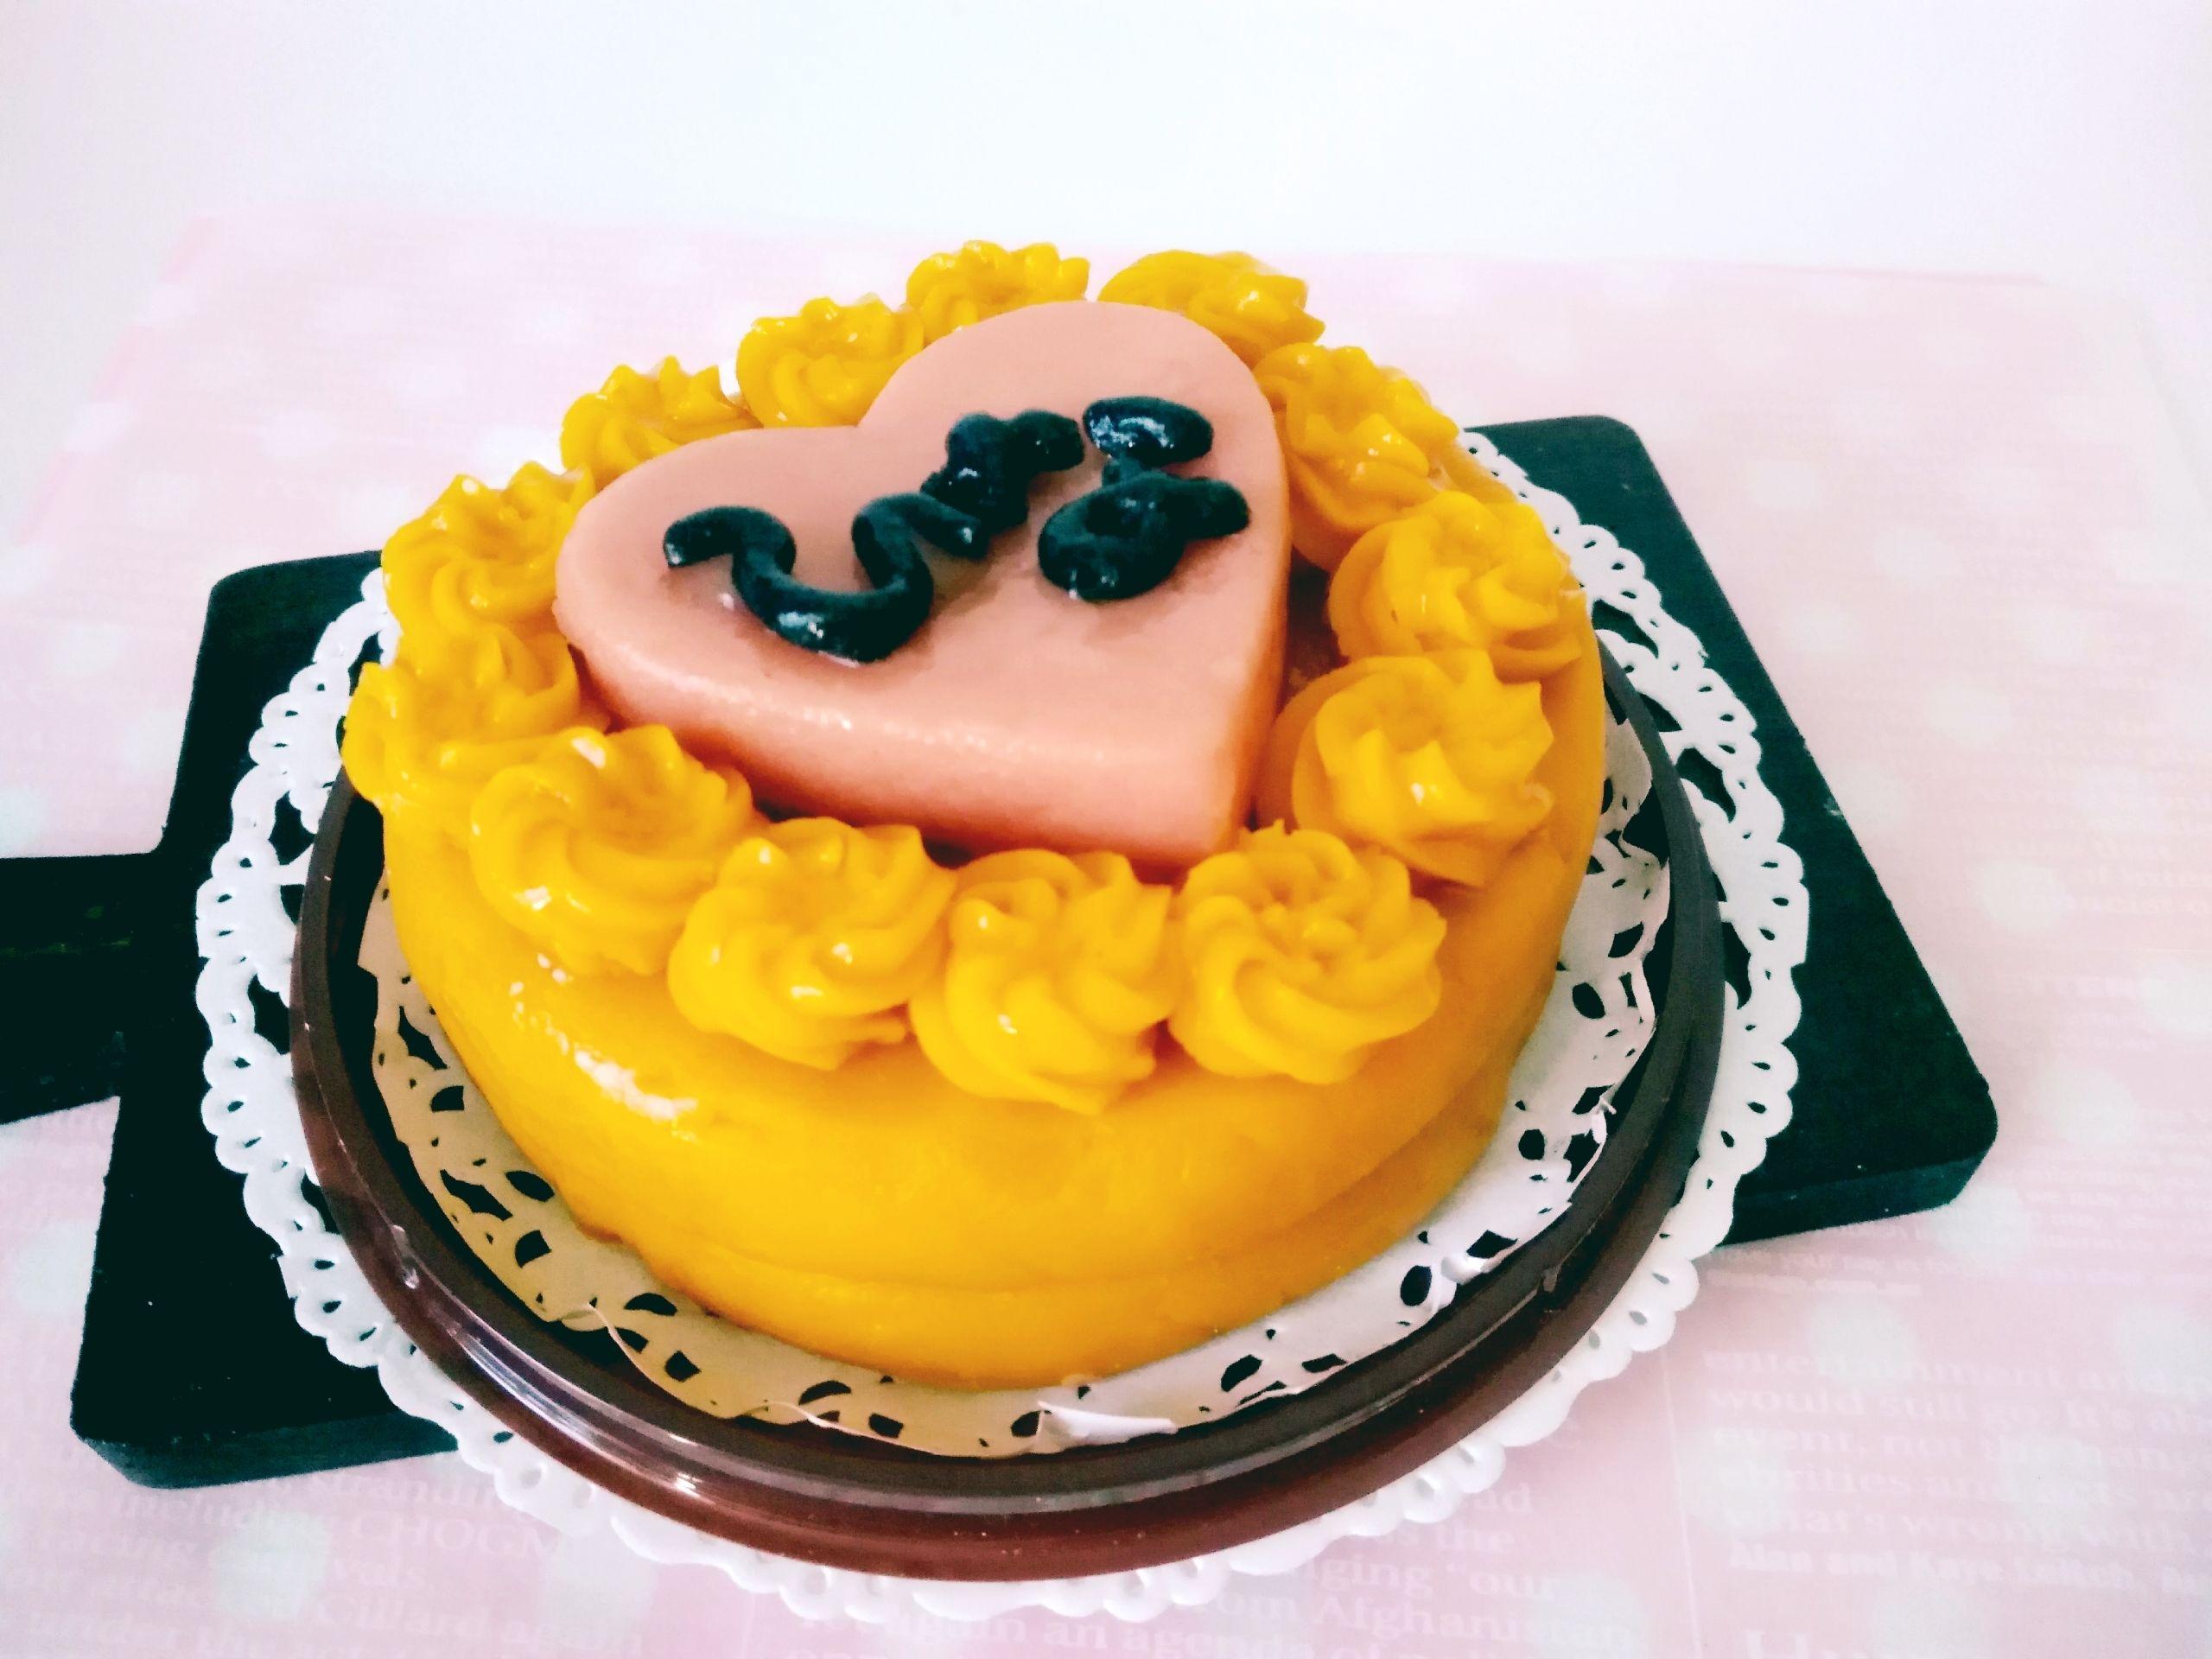 お名前入り★犬用ケーキ小麦粉アレルギー対応2段ケーキ(ドライささみ&チーズ)